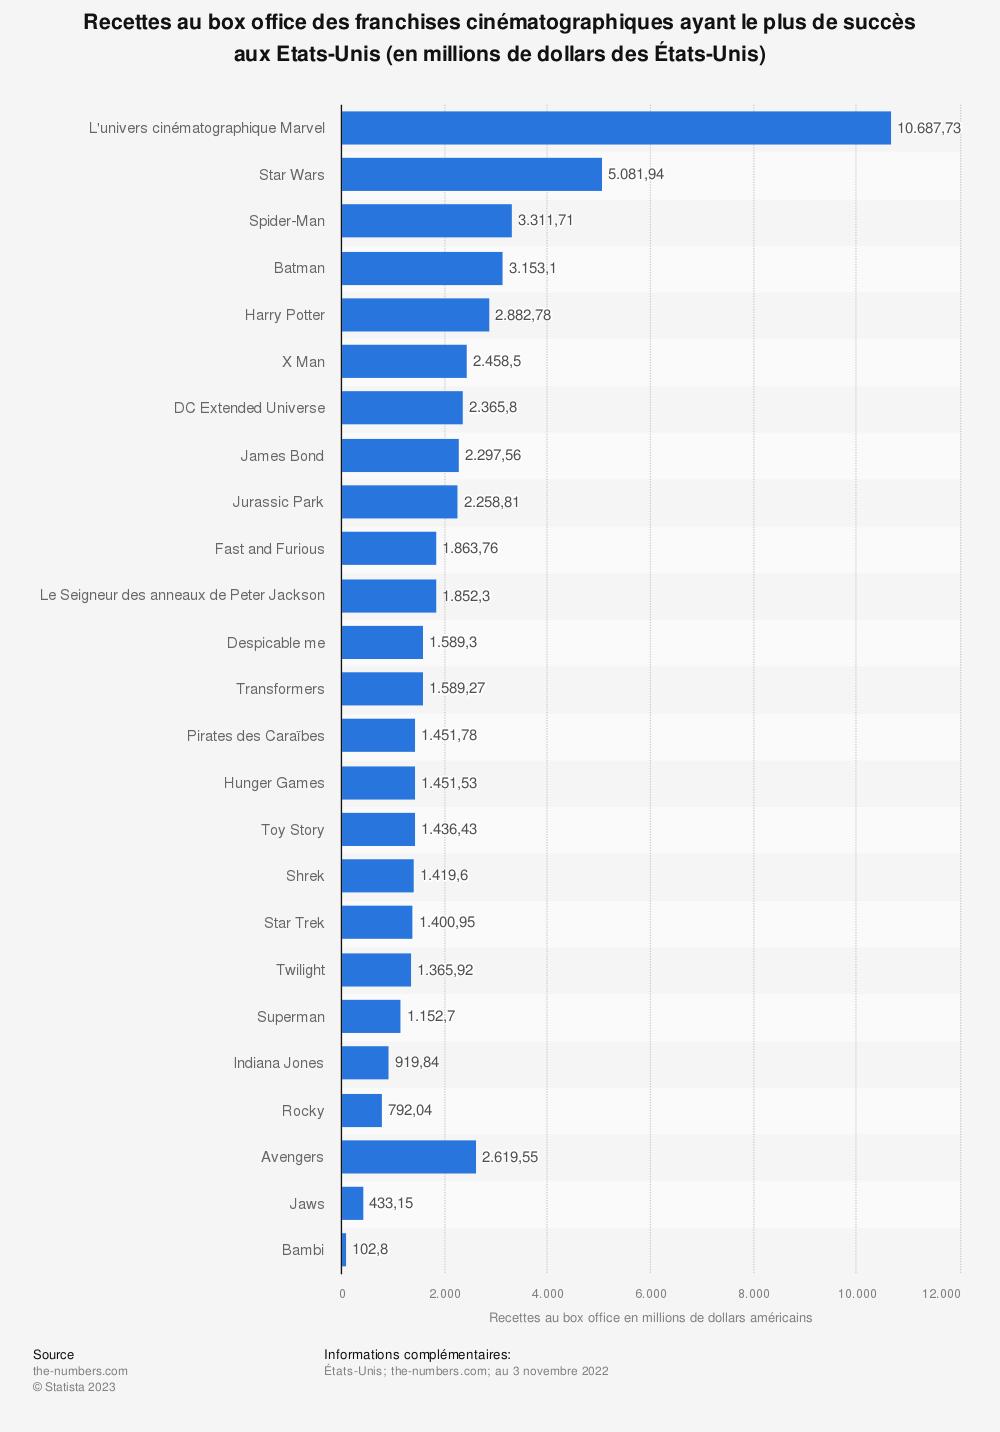 Statistique: Recettes au box office des franchises cinématographiques ayant le plus de succès en Amérique du Nord (en millions de dollars des États-Unis) | Statista